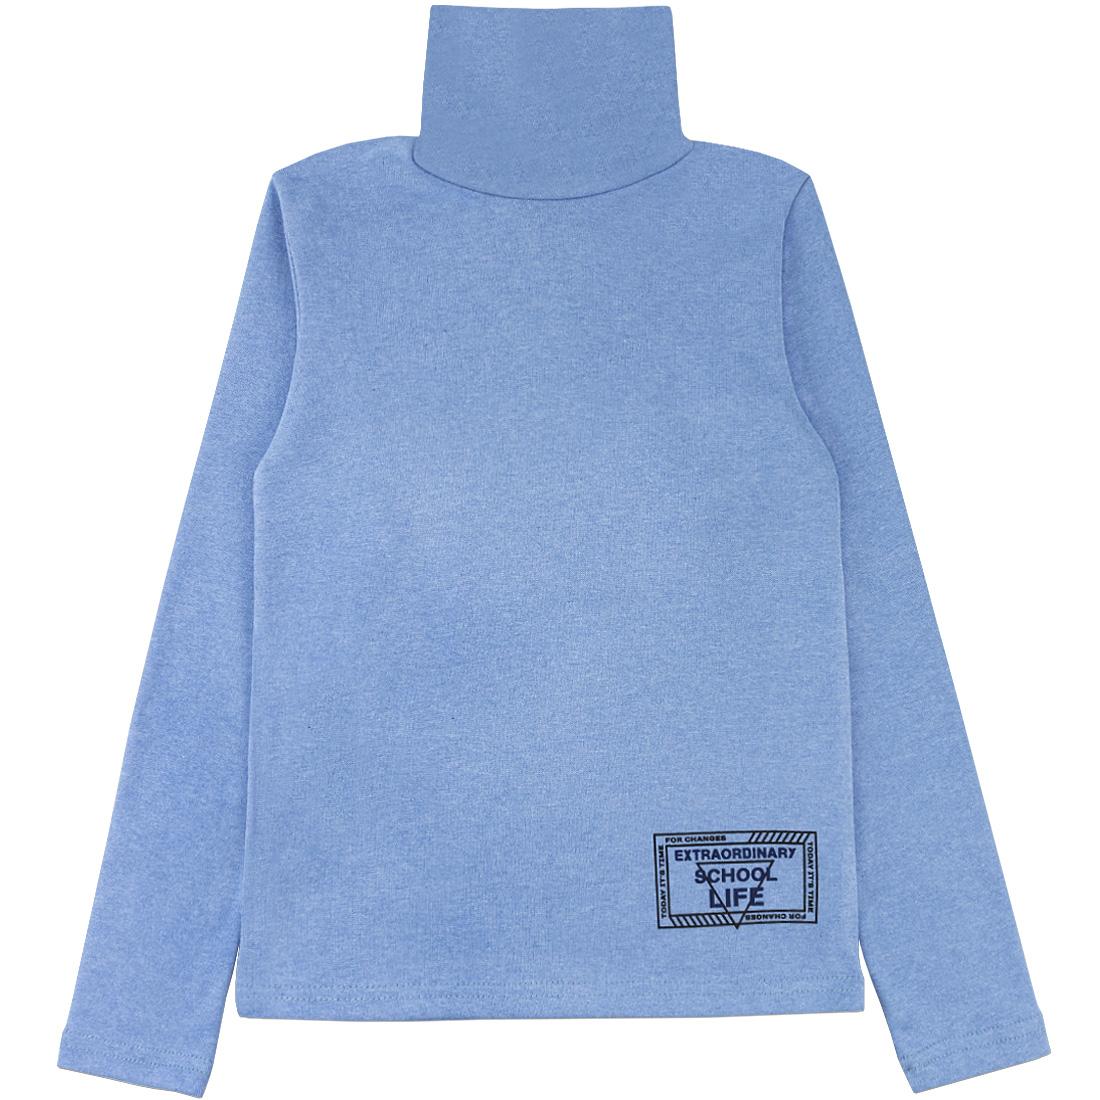 Купить 079/2р ап, Водолазка детская Юлла, цв. голубой р. 134, Водолазки для мальчиков